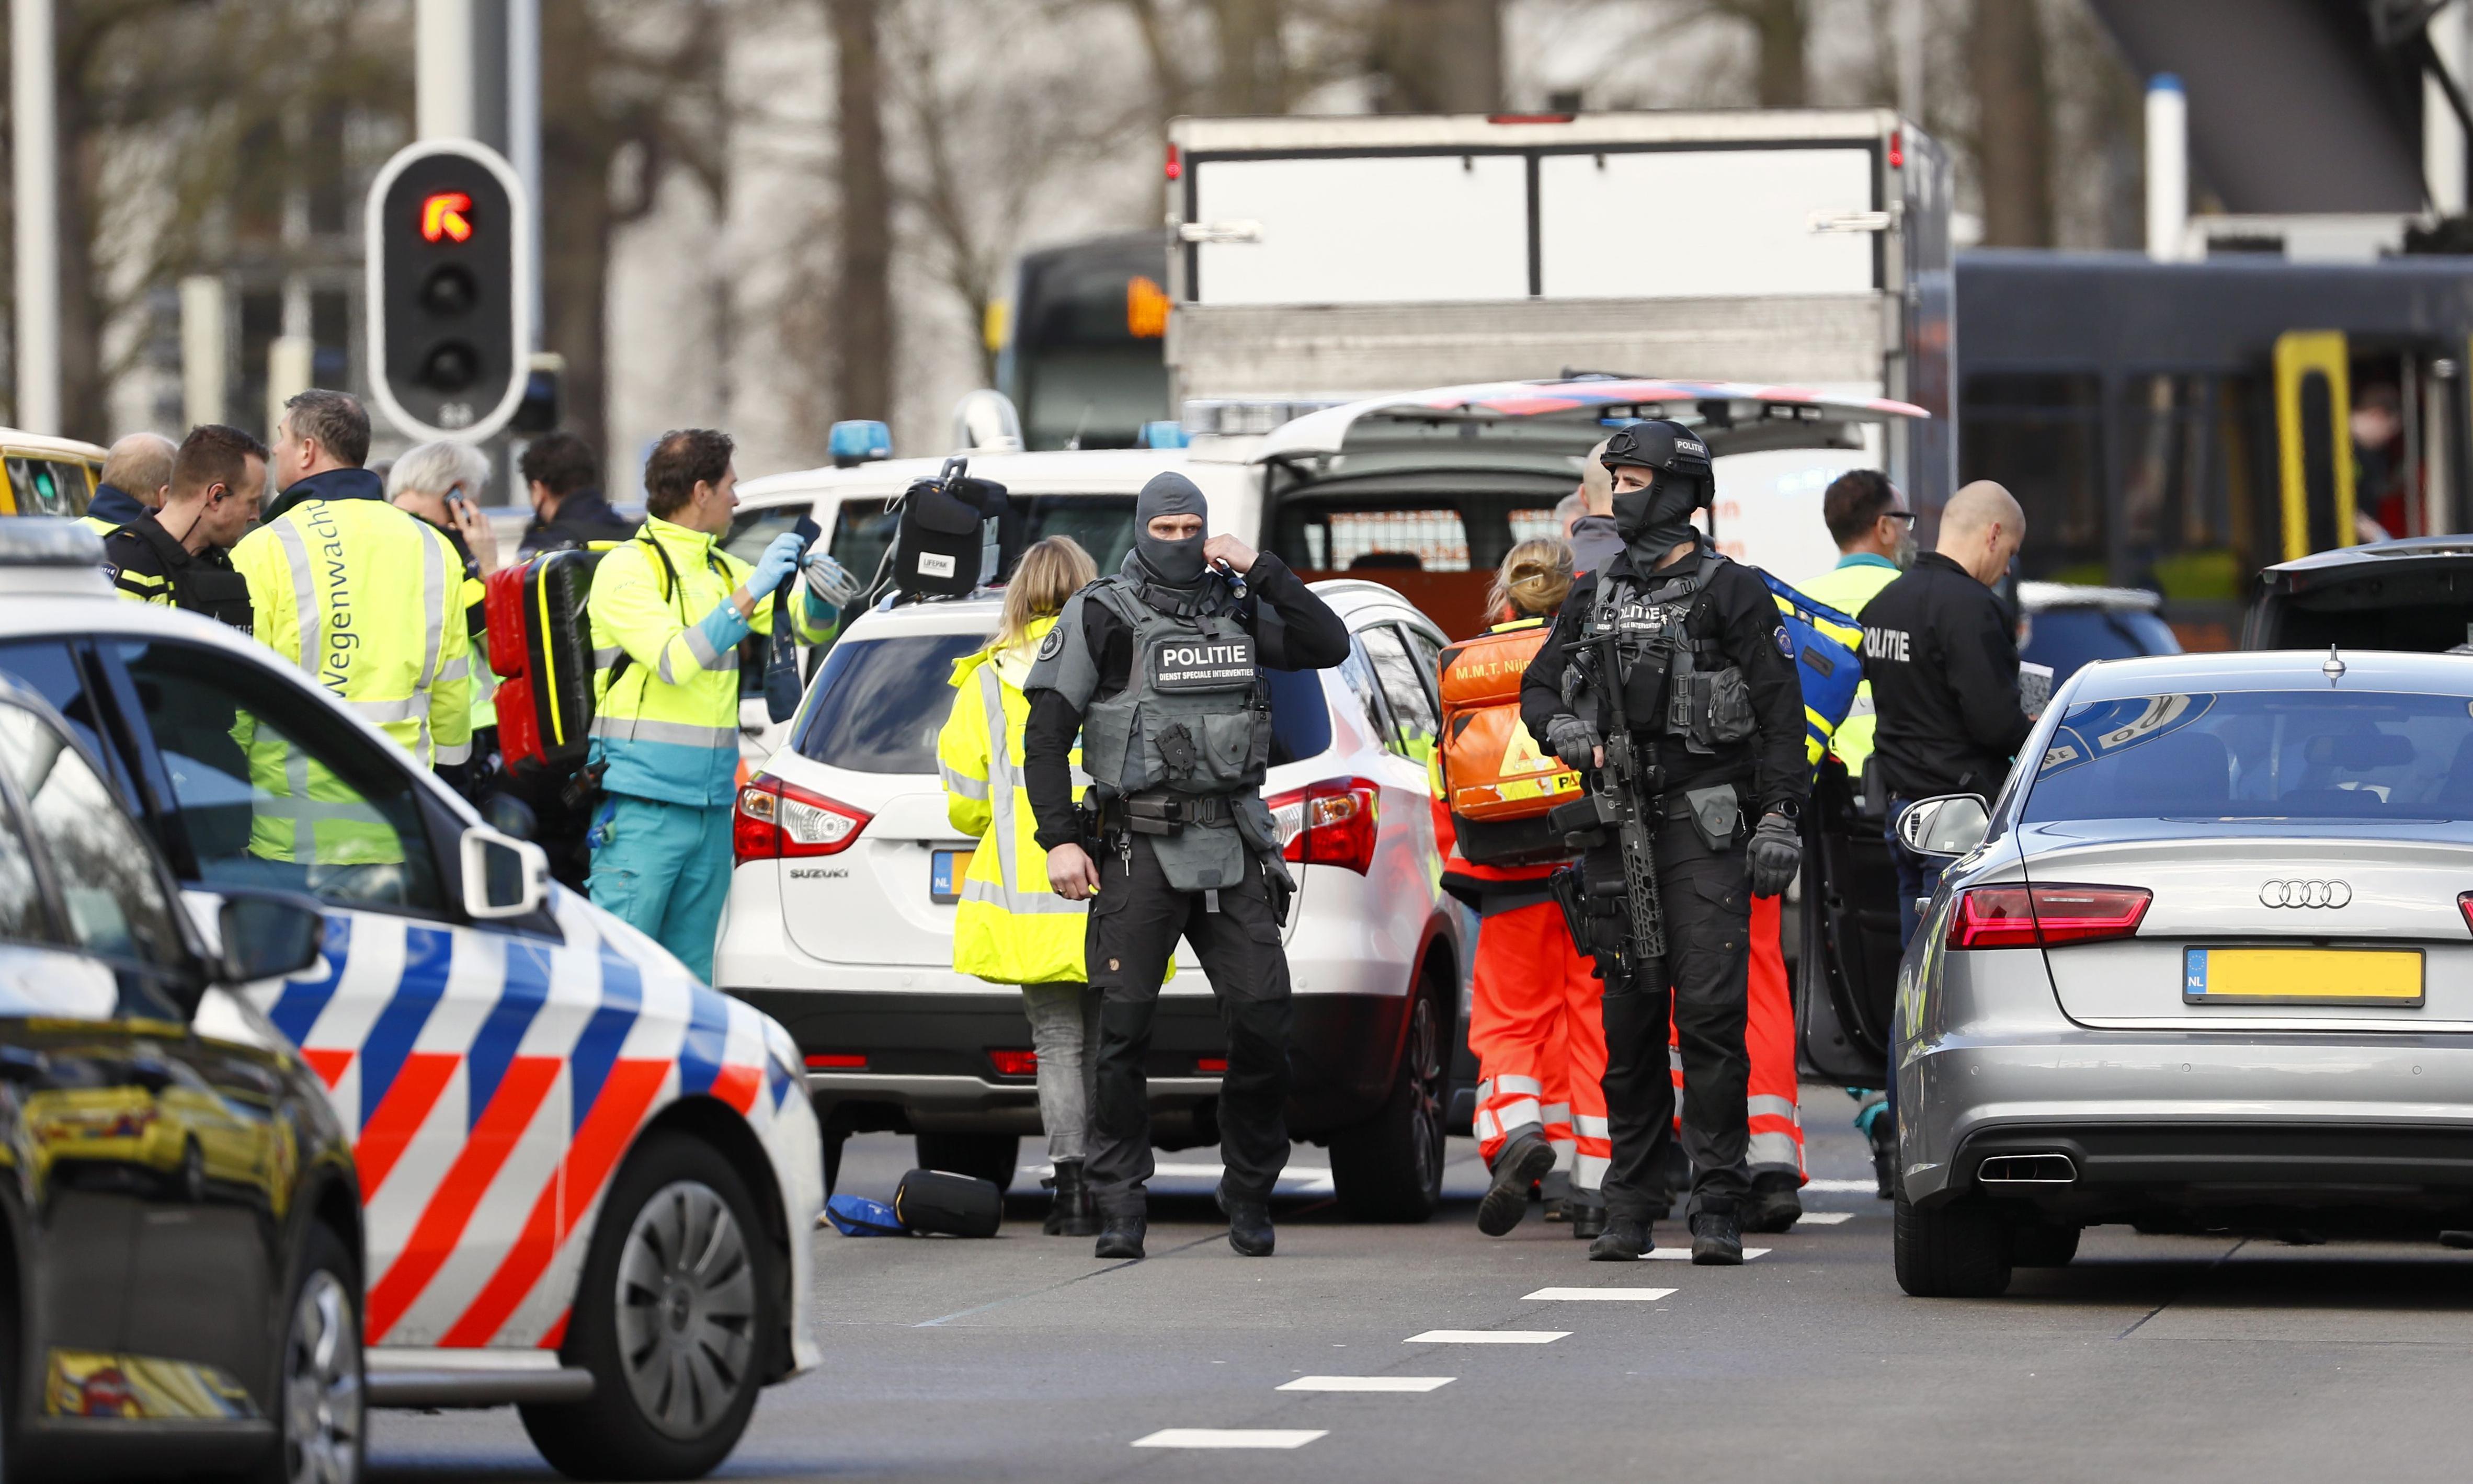 Utrecht tram shooting: three dead as police hunt gunman